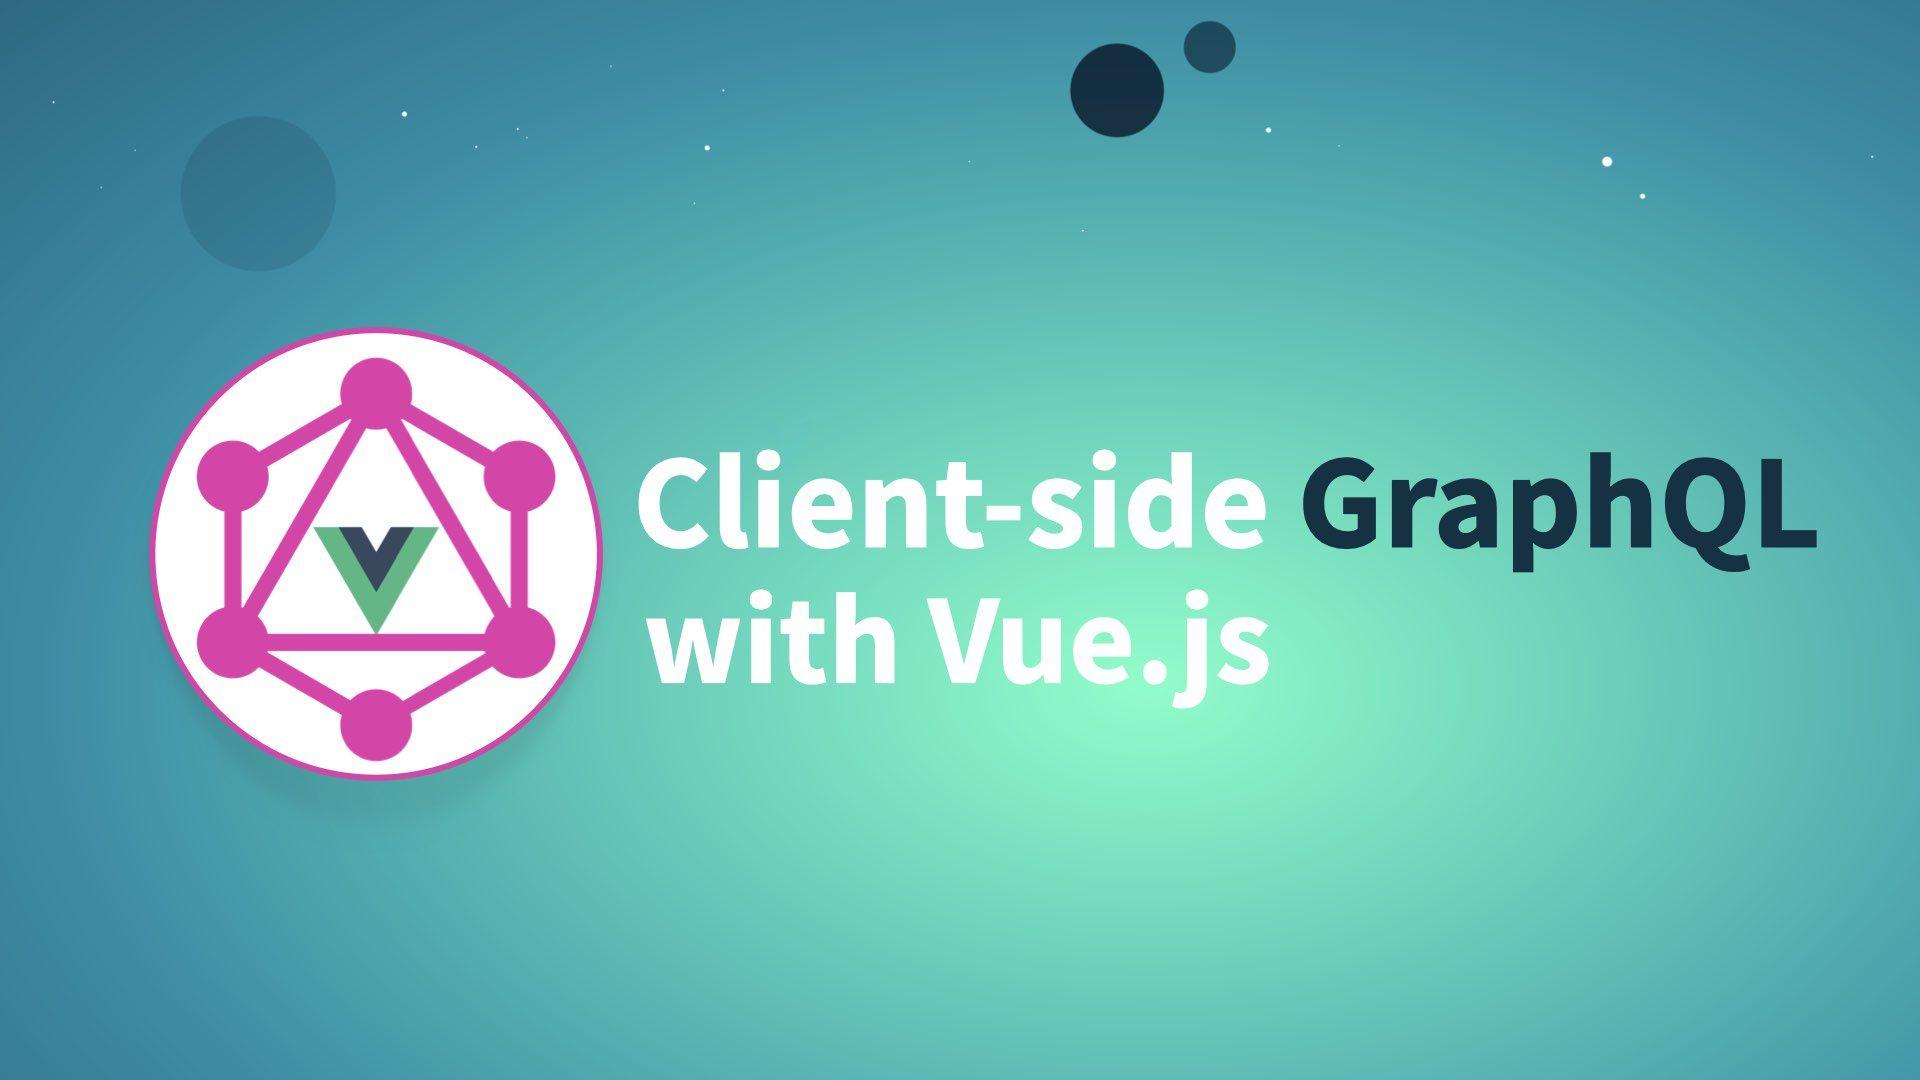 Part 3: Client-side GraphQL with Vue.js